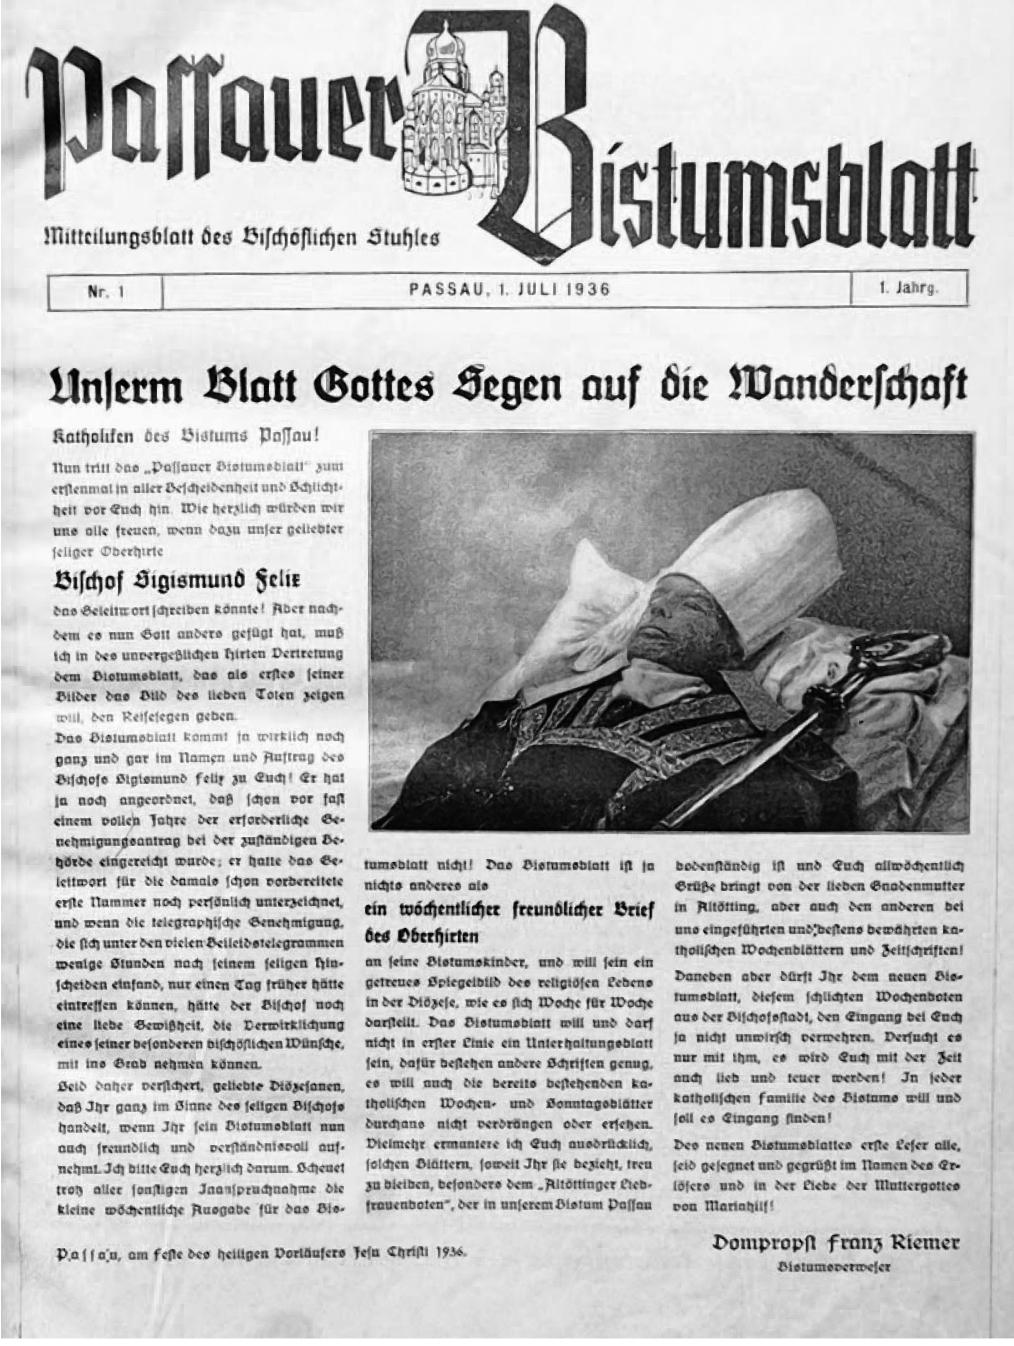 PaBi, Passau 1. Juli 1936